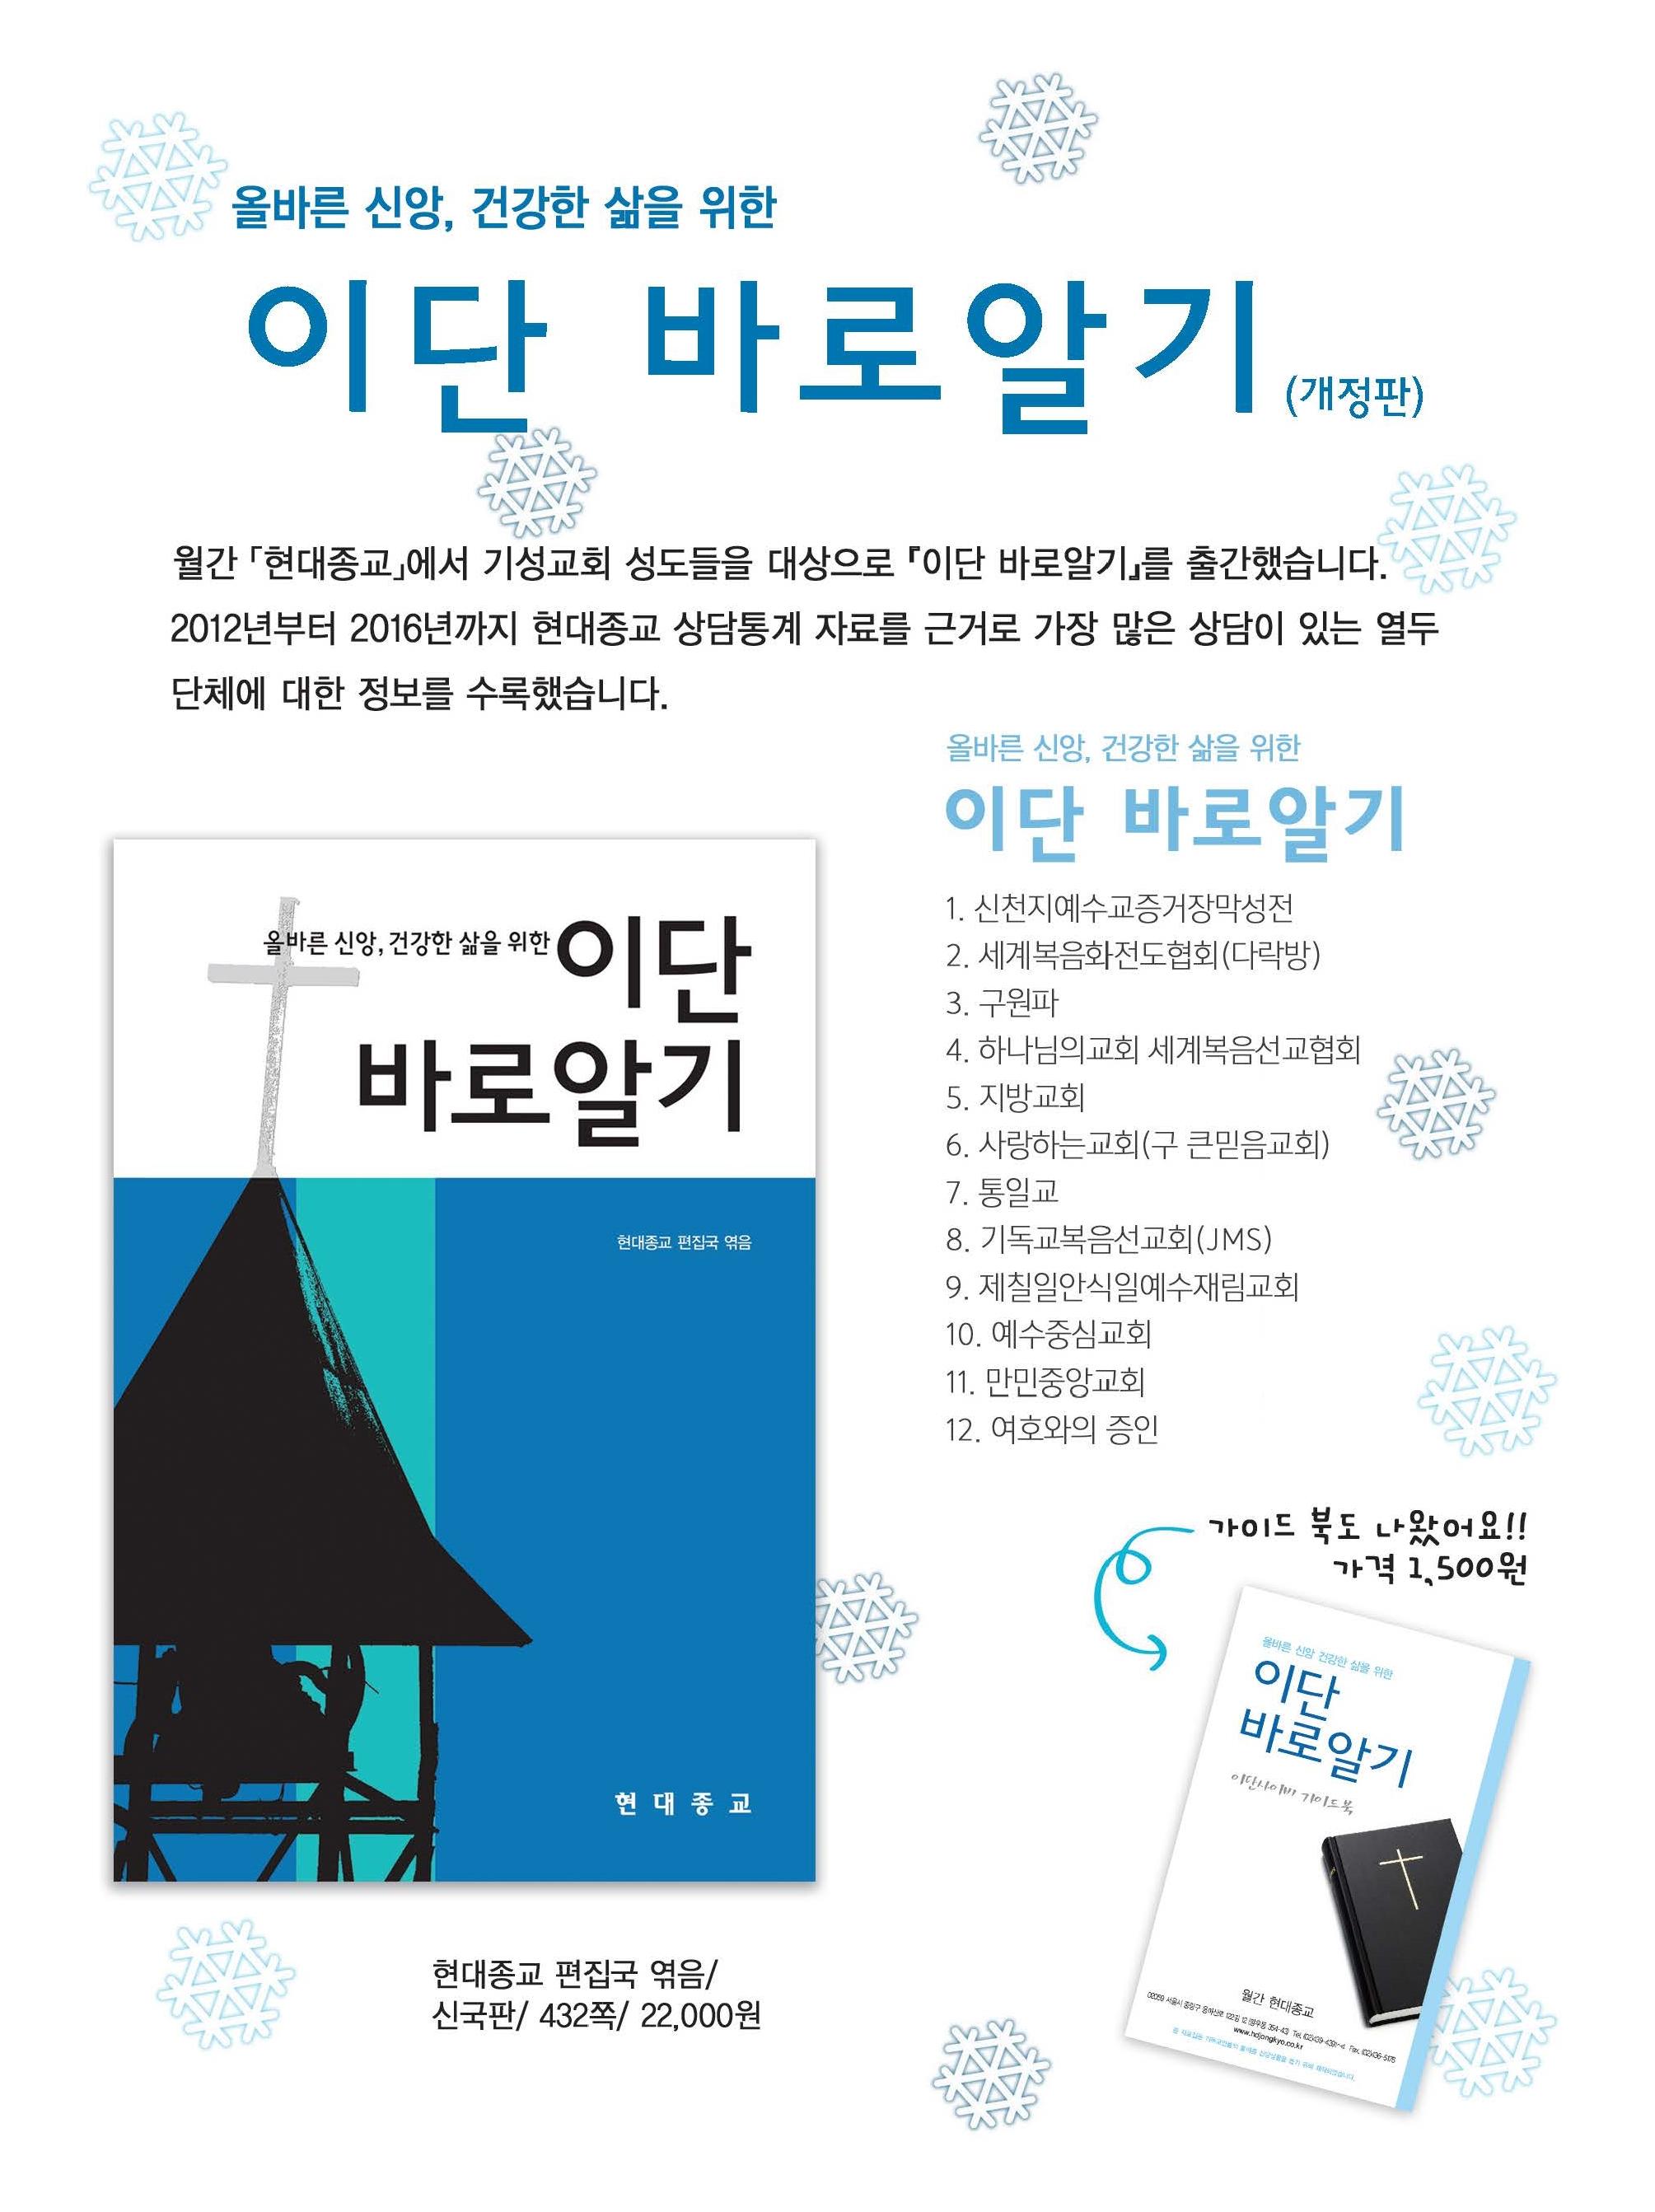 중국 하얼빈 국제사이비종교문제세미나 개최